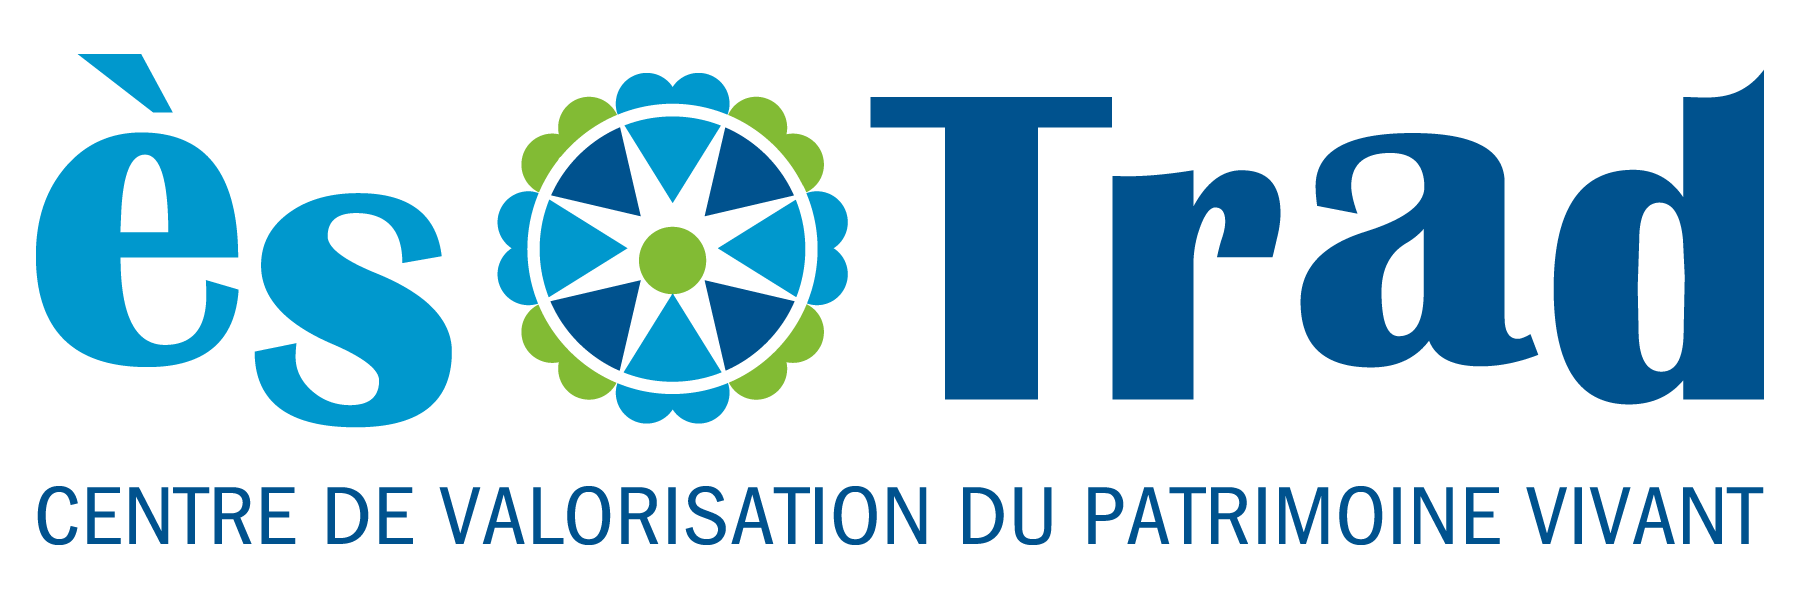 Logo Ès Trad- Centre de valorisation du patrimoine vivant